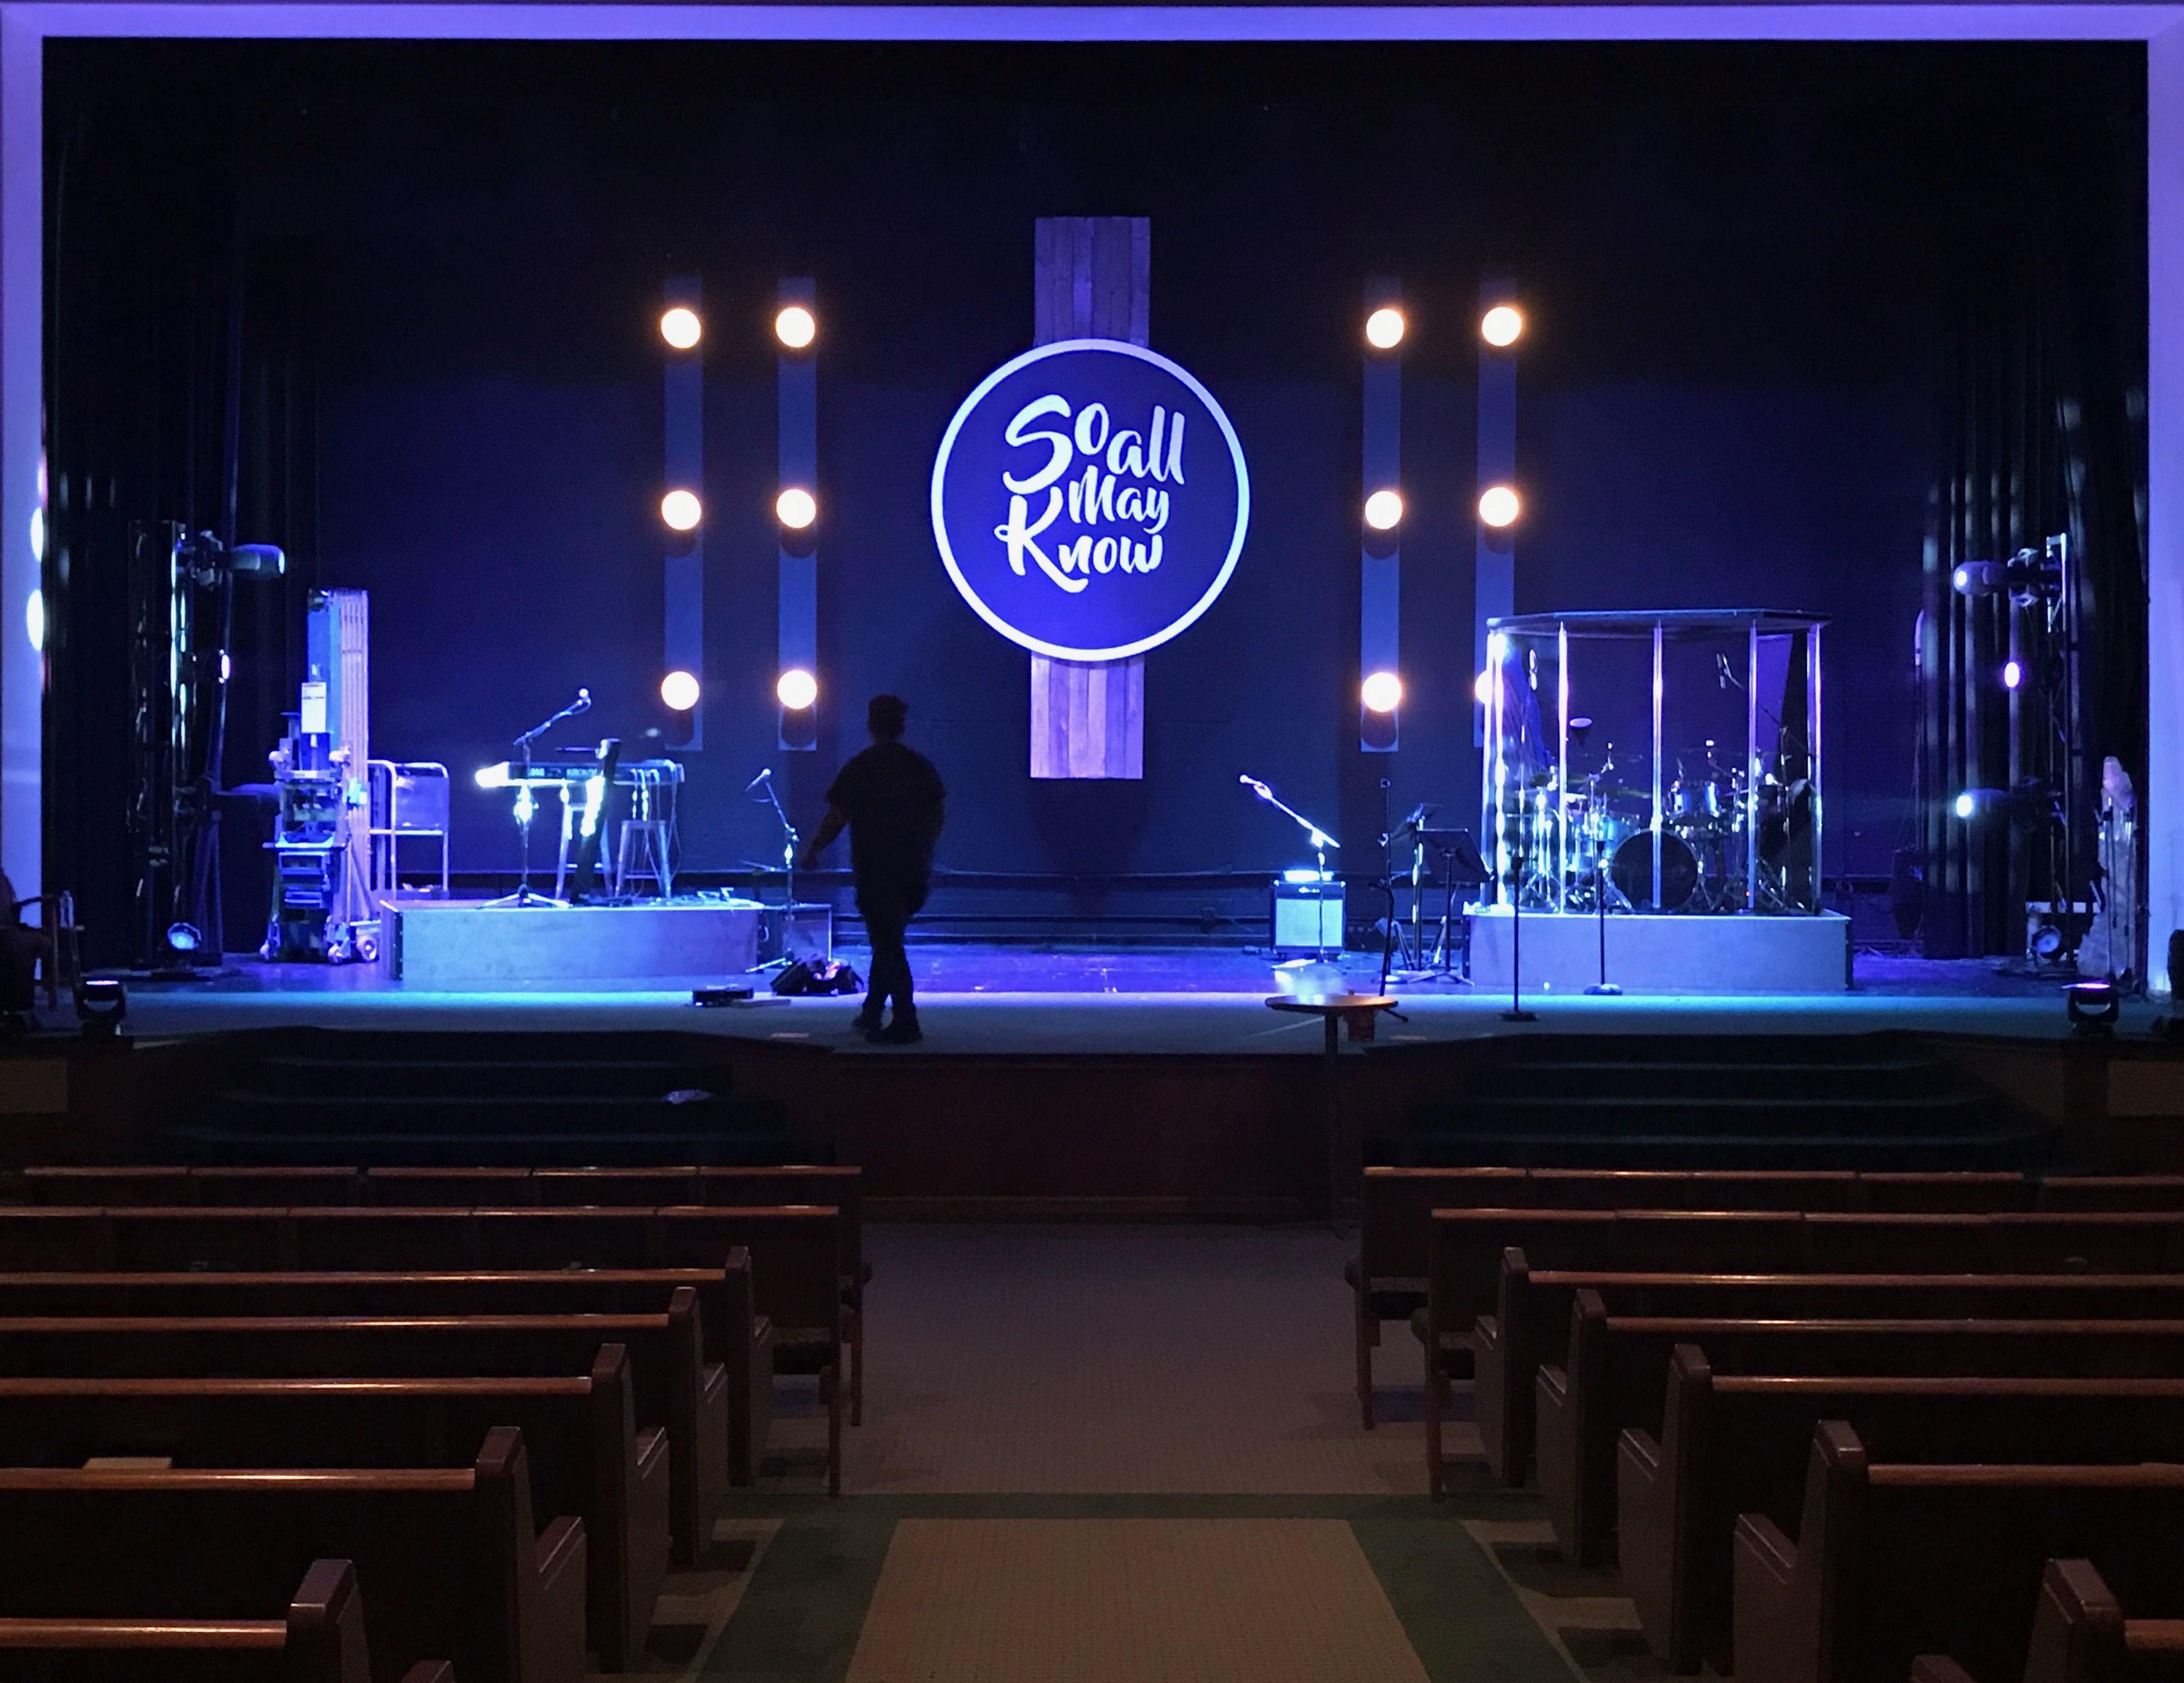 Stage Design Soallmayknow Churchstagedesignideas Church Stage Design Ideas Backdrops Church Stage Design Church Stage